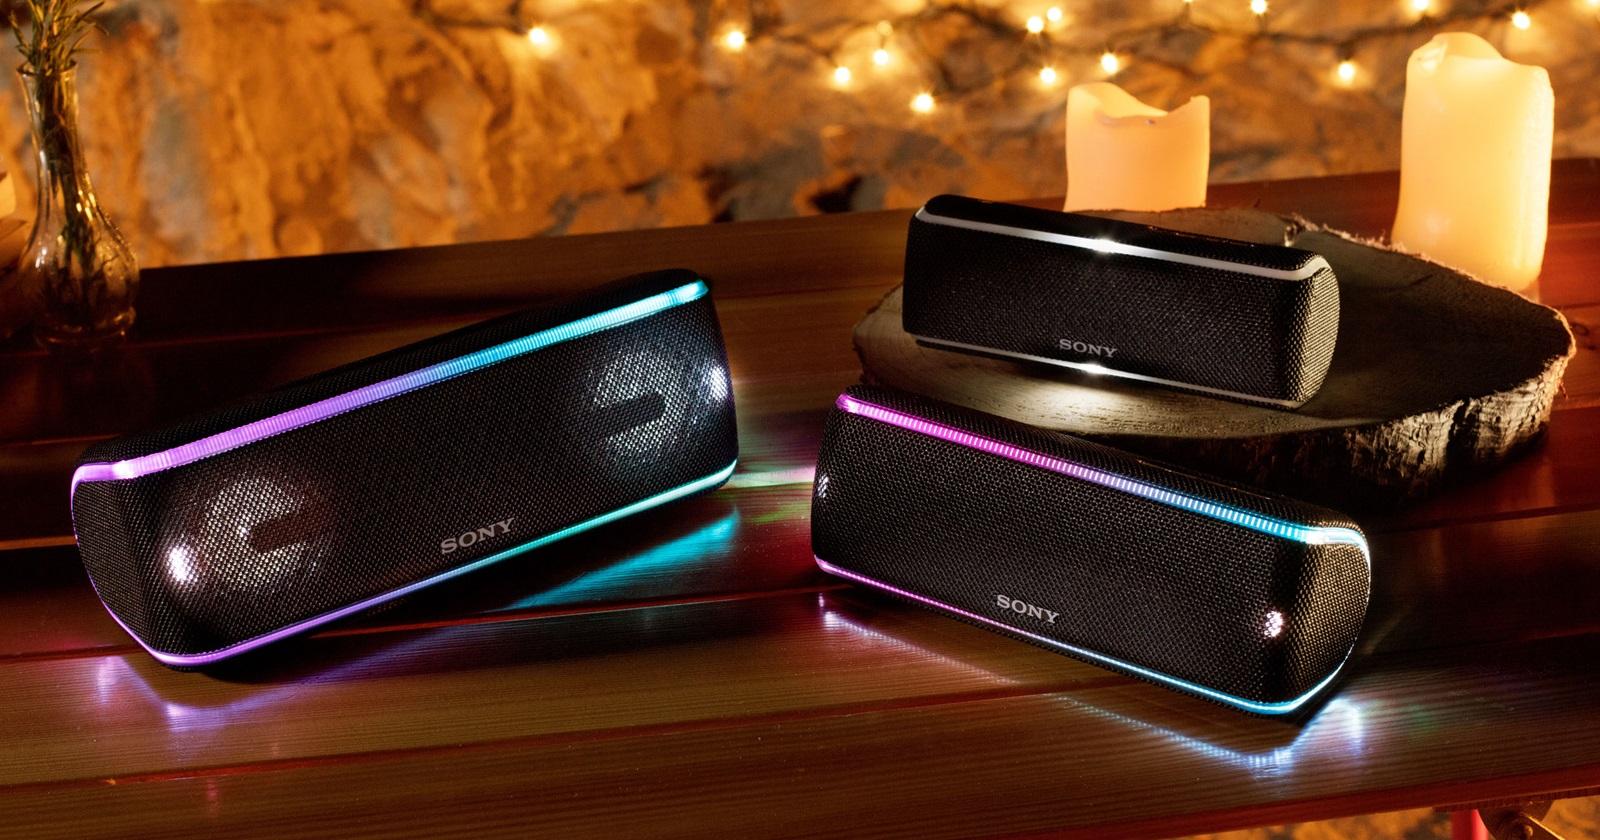 Sony 無線藍牙喇叭新登場,主打重低音音效、還能串聯多台一起聽音樂